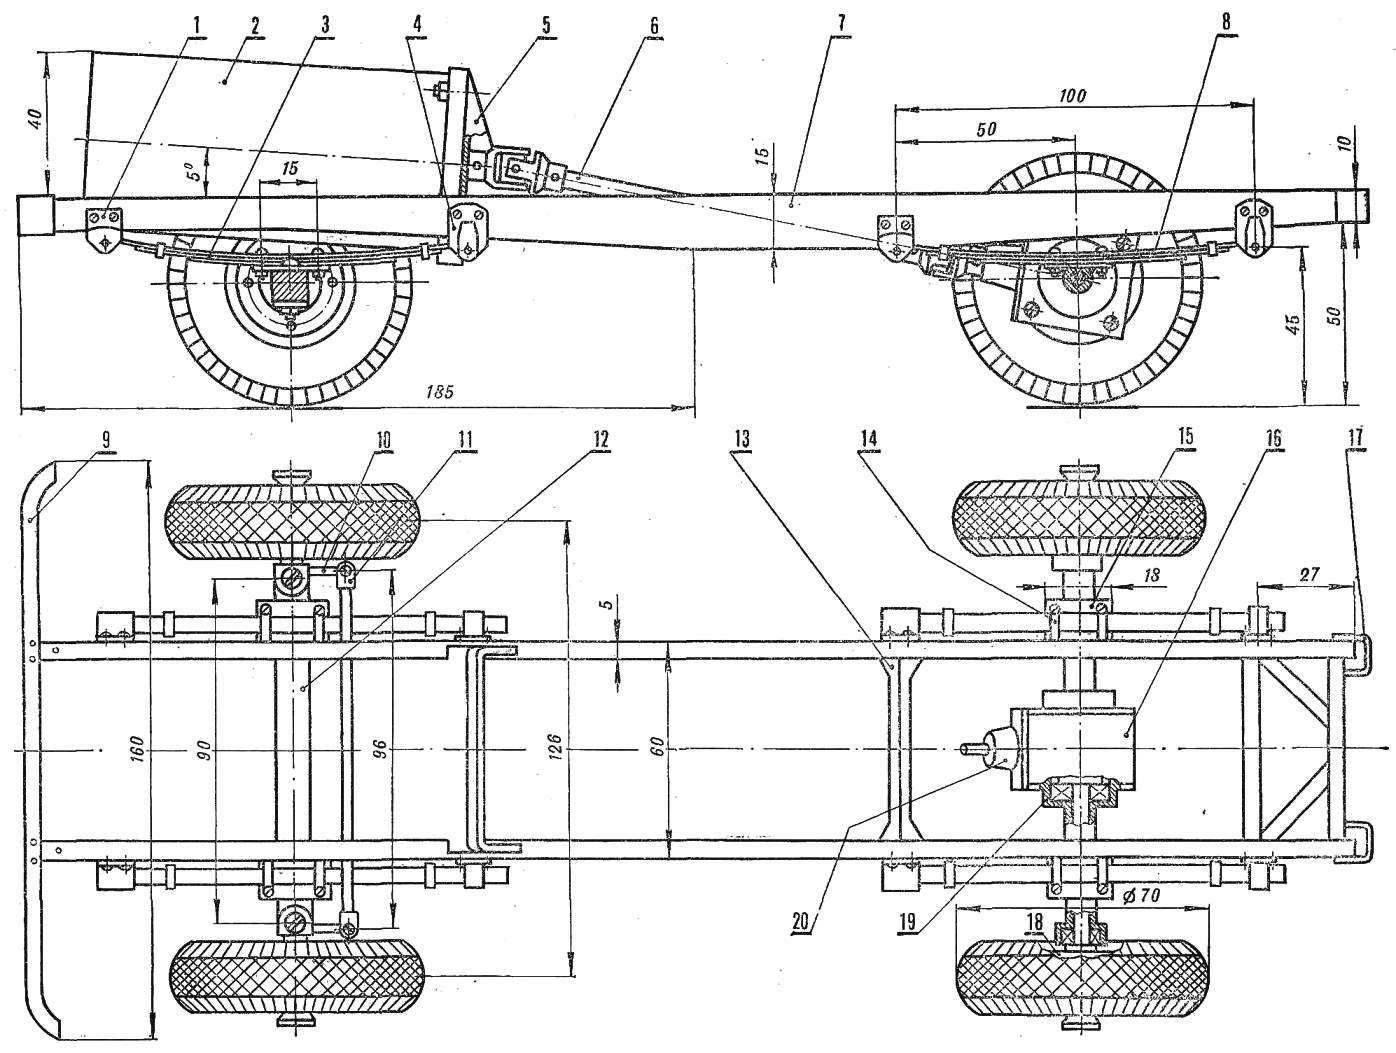 Fig. 4. Suspension